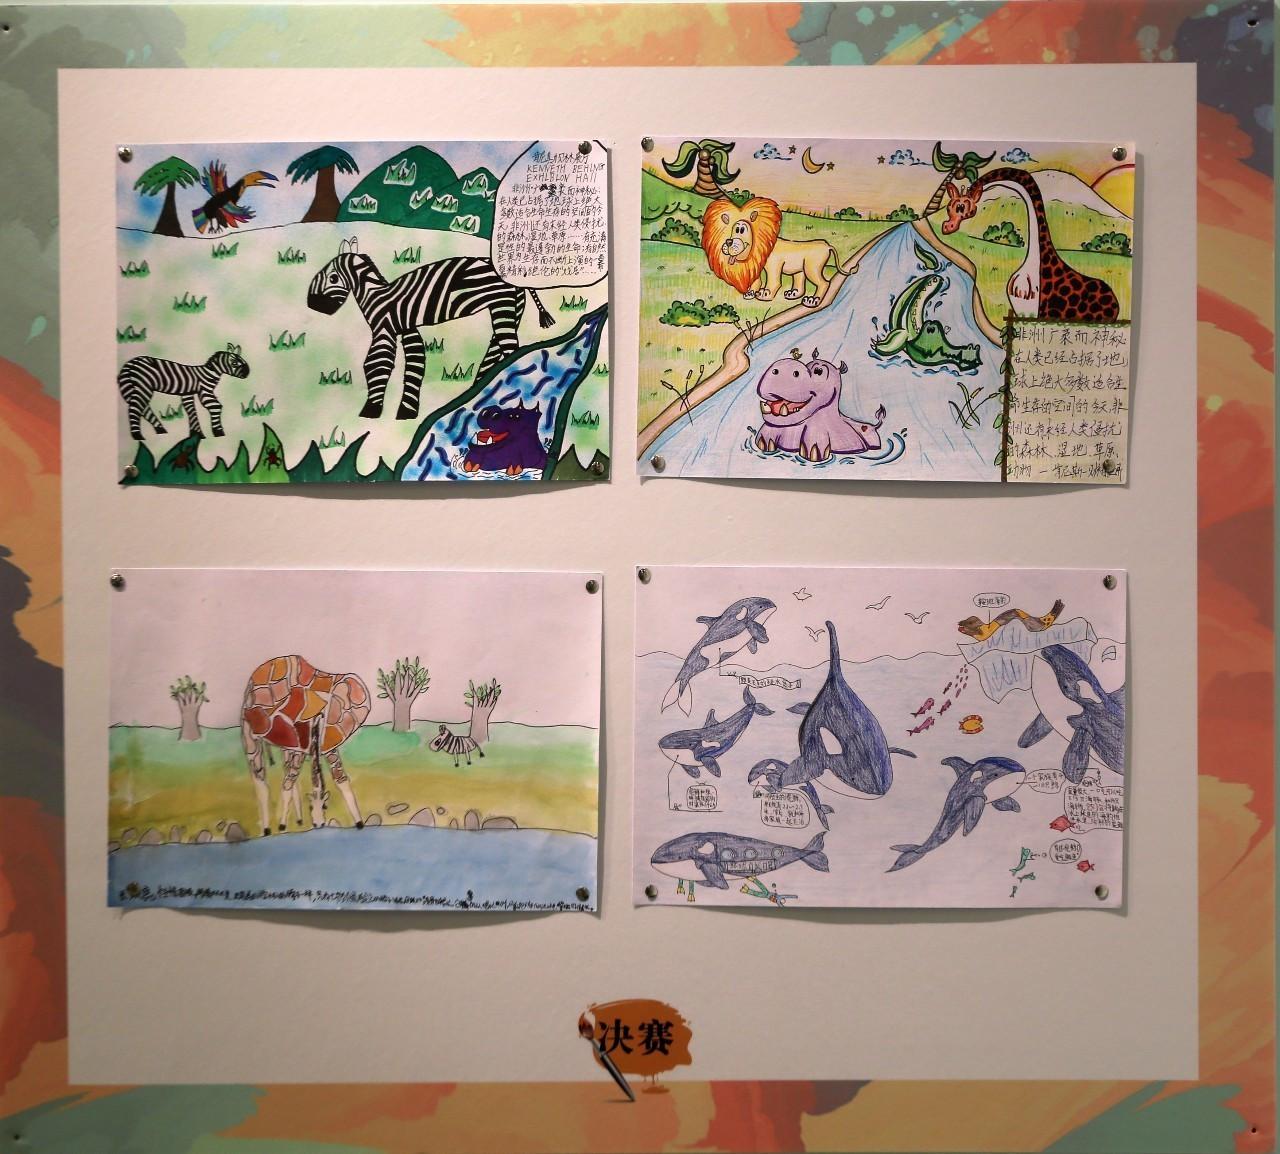 环球自然日青少年科普绘画大赛决赛成绩公布啦!图片